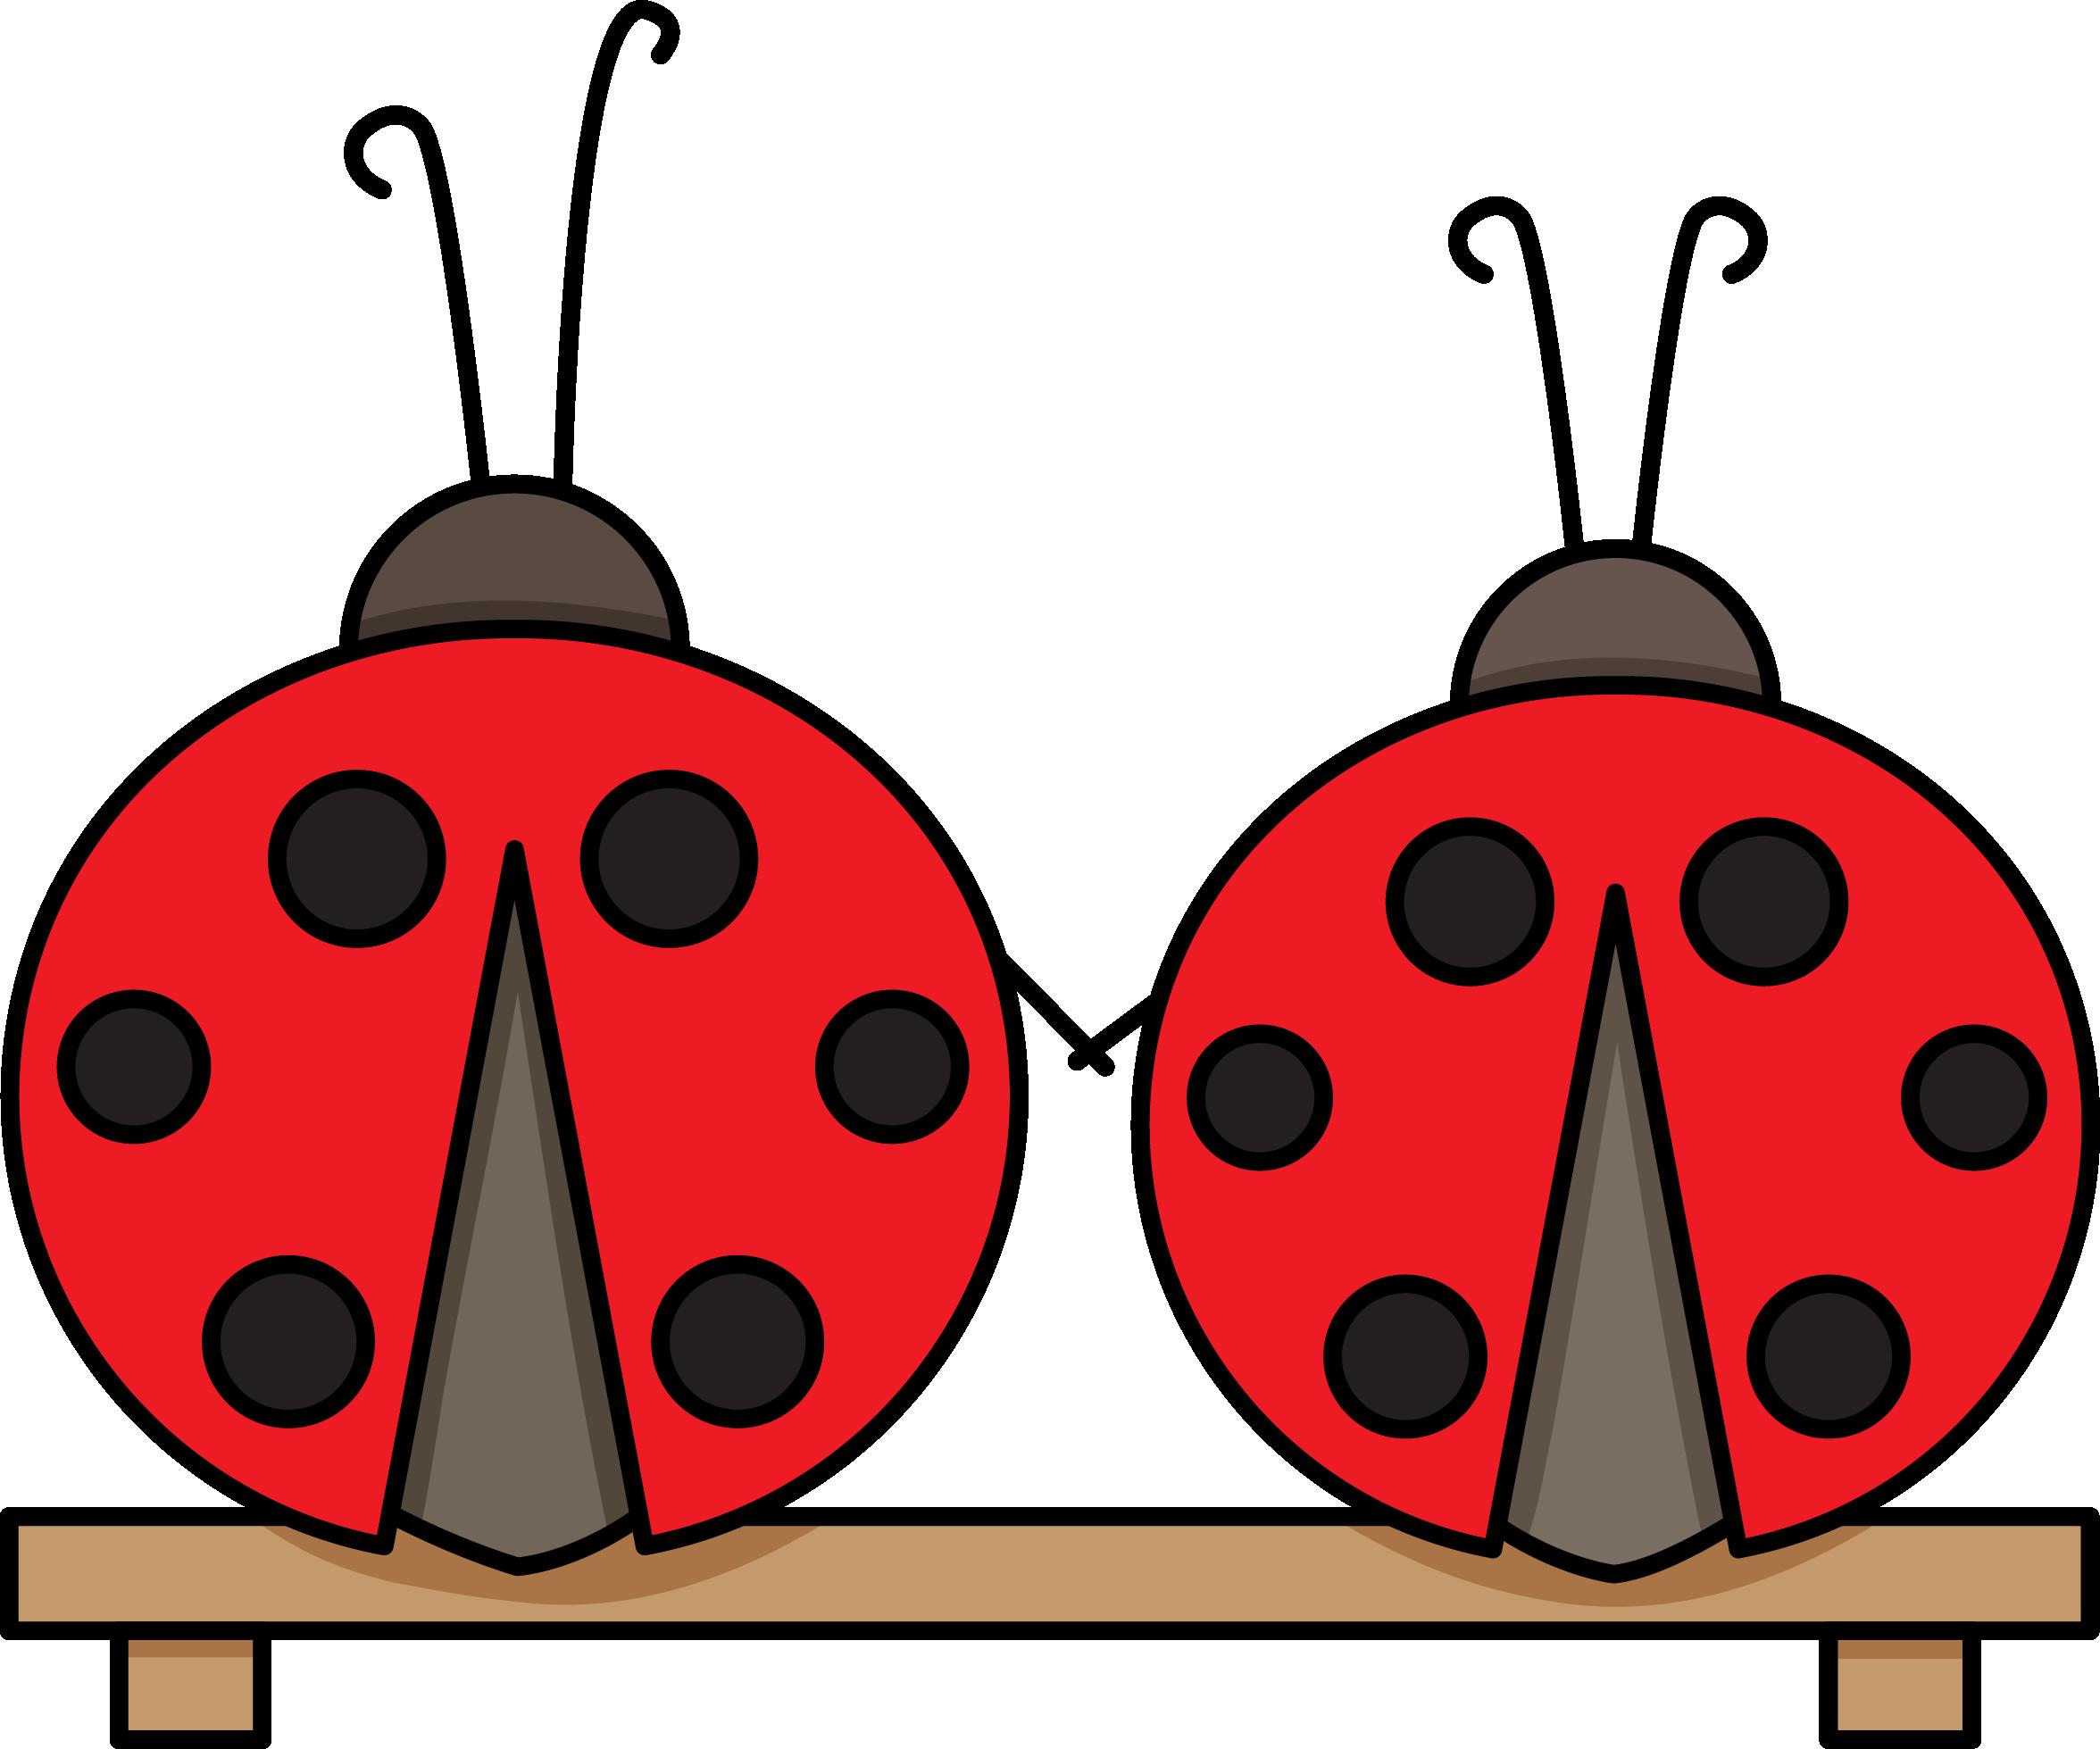 Ladybugs clipart symmetrical. Ladybugscolor